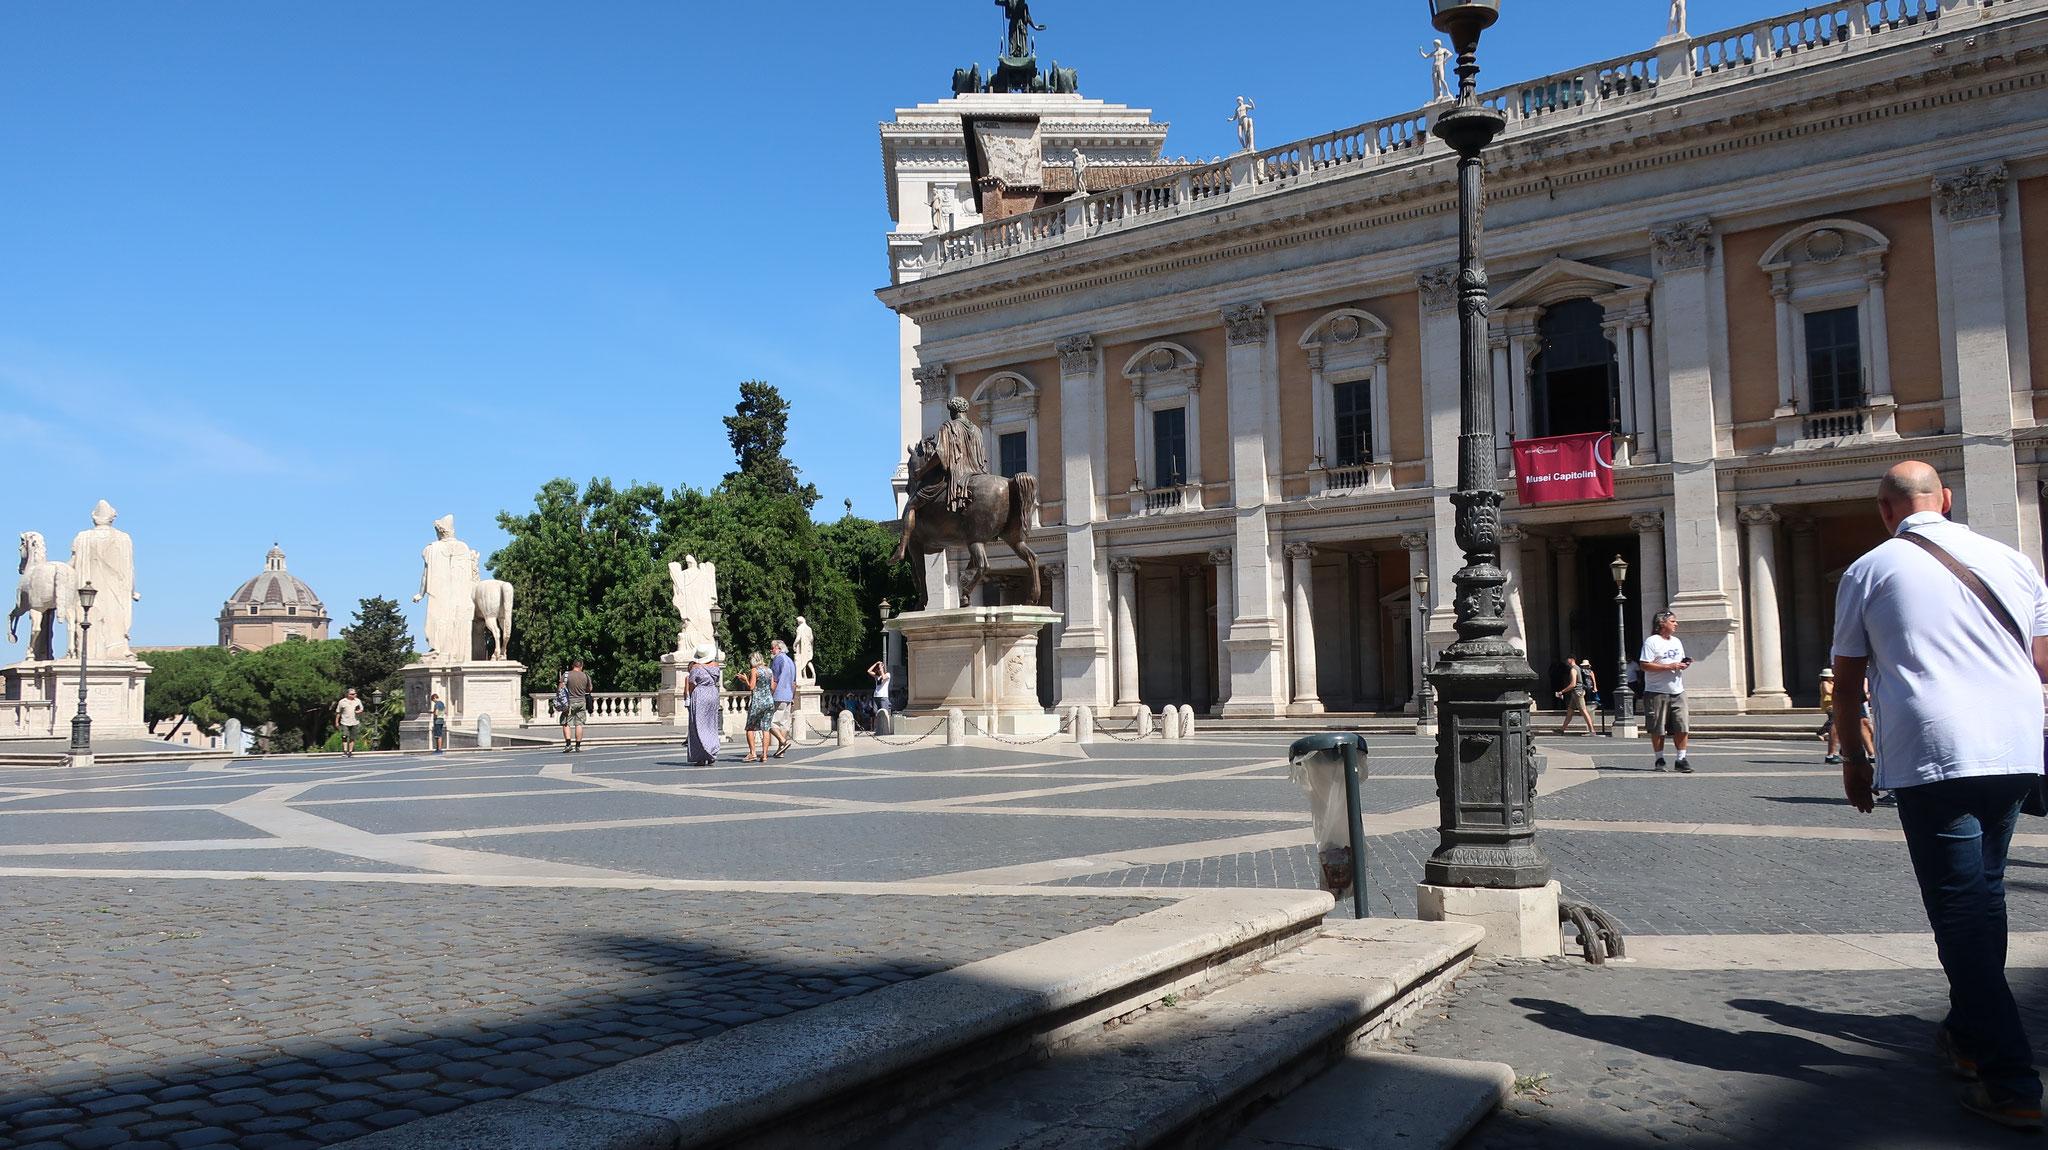 カンピドーリオ広場。法王パウロ3世に要請され、天才ミケランジェロが設計しました。